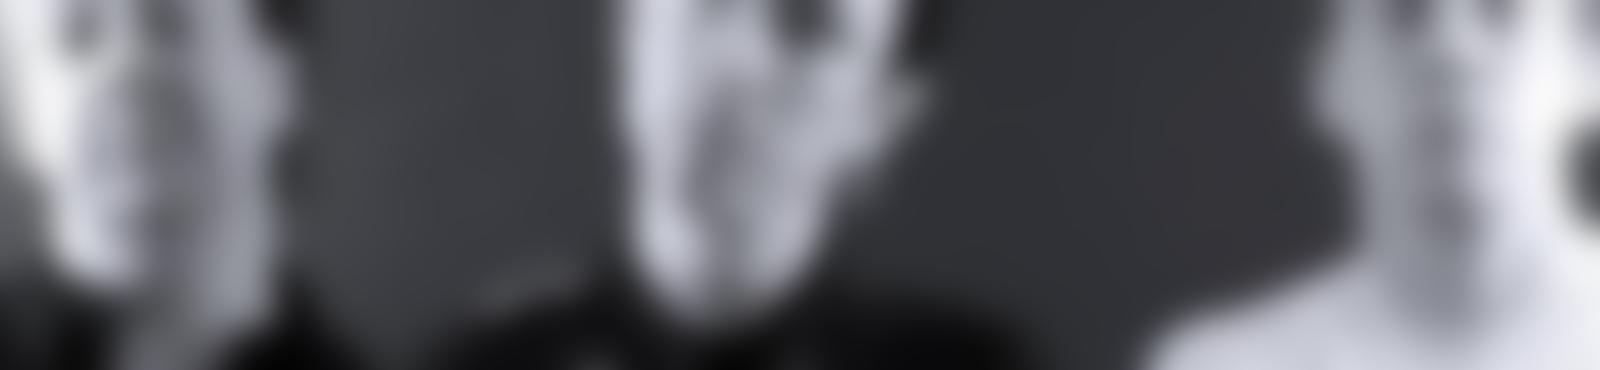 Blurred 2f3db9ec 1ac7 4445 bdcb 12fce23da85c